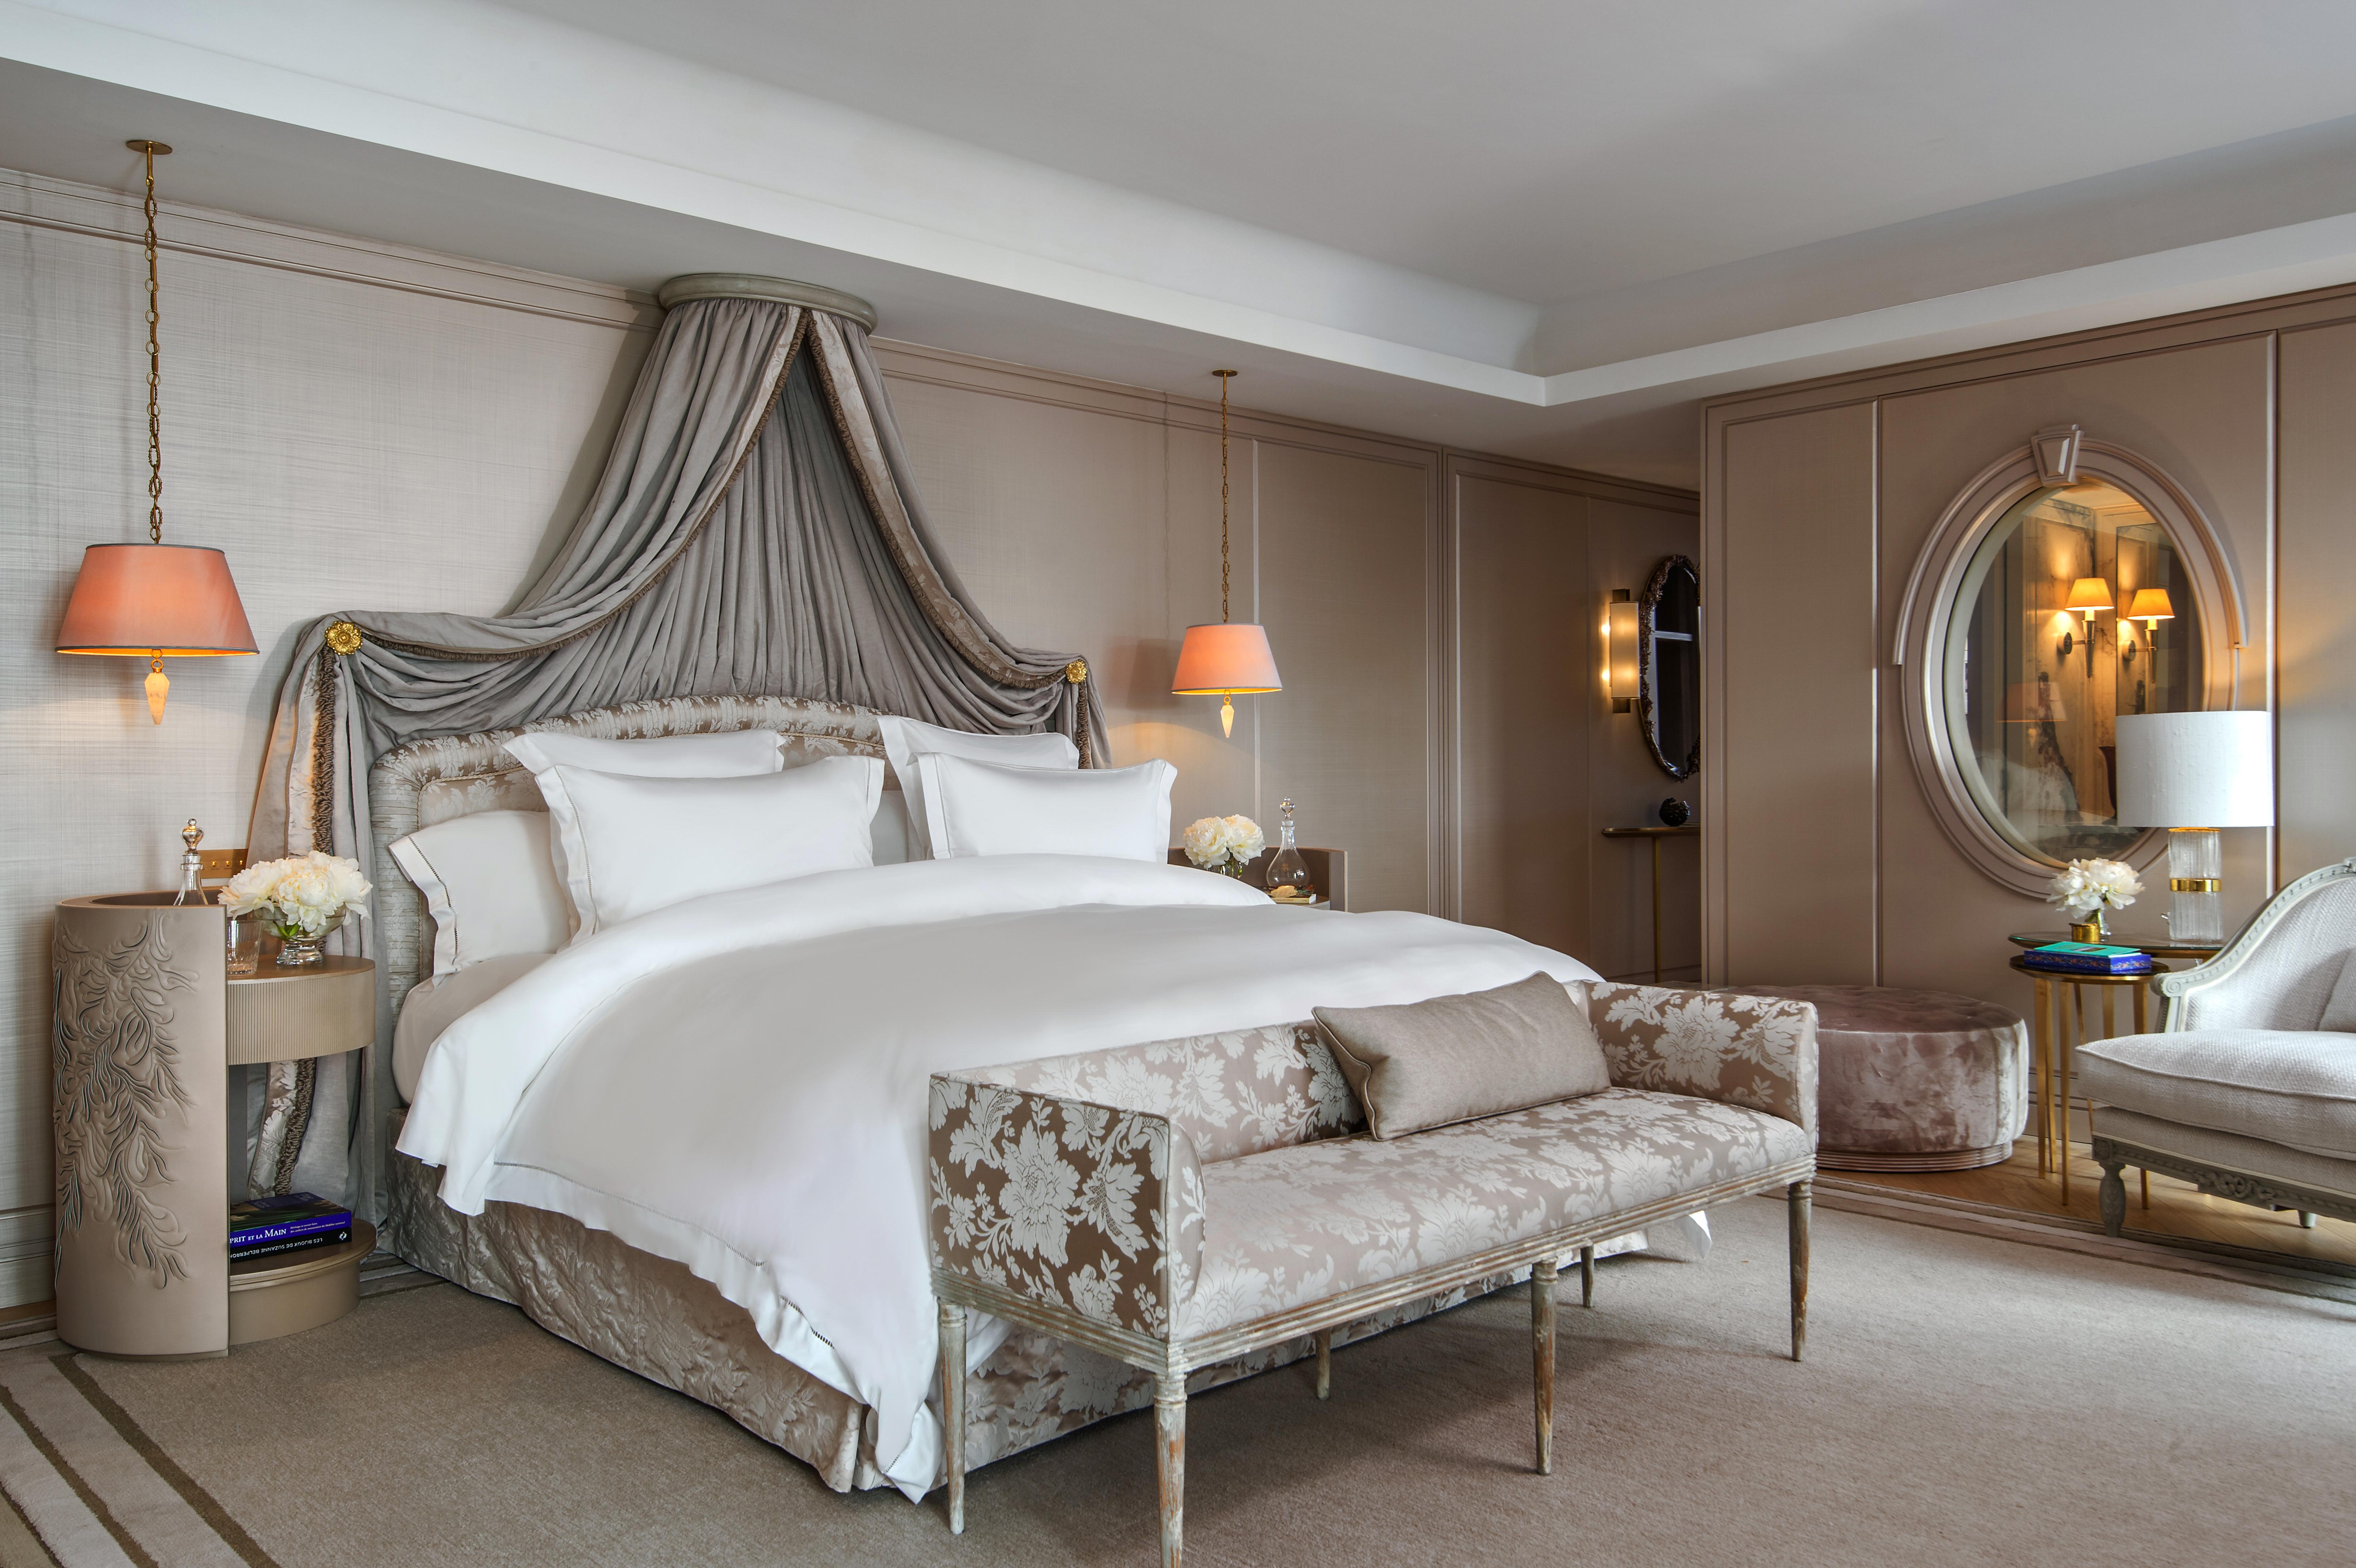 Hotel Gabriel Paris Rosewood Opens Iconic Hatel De Crillon Paris After A Four Year